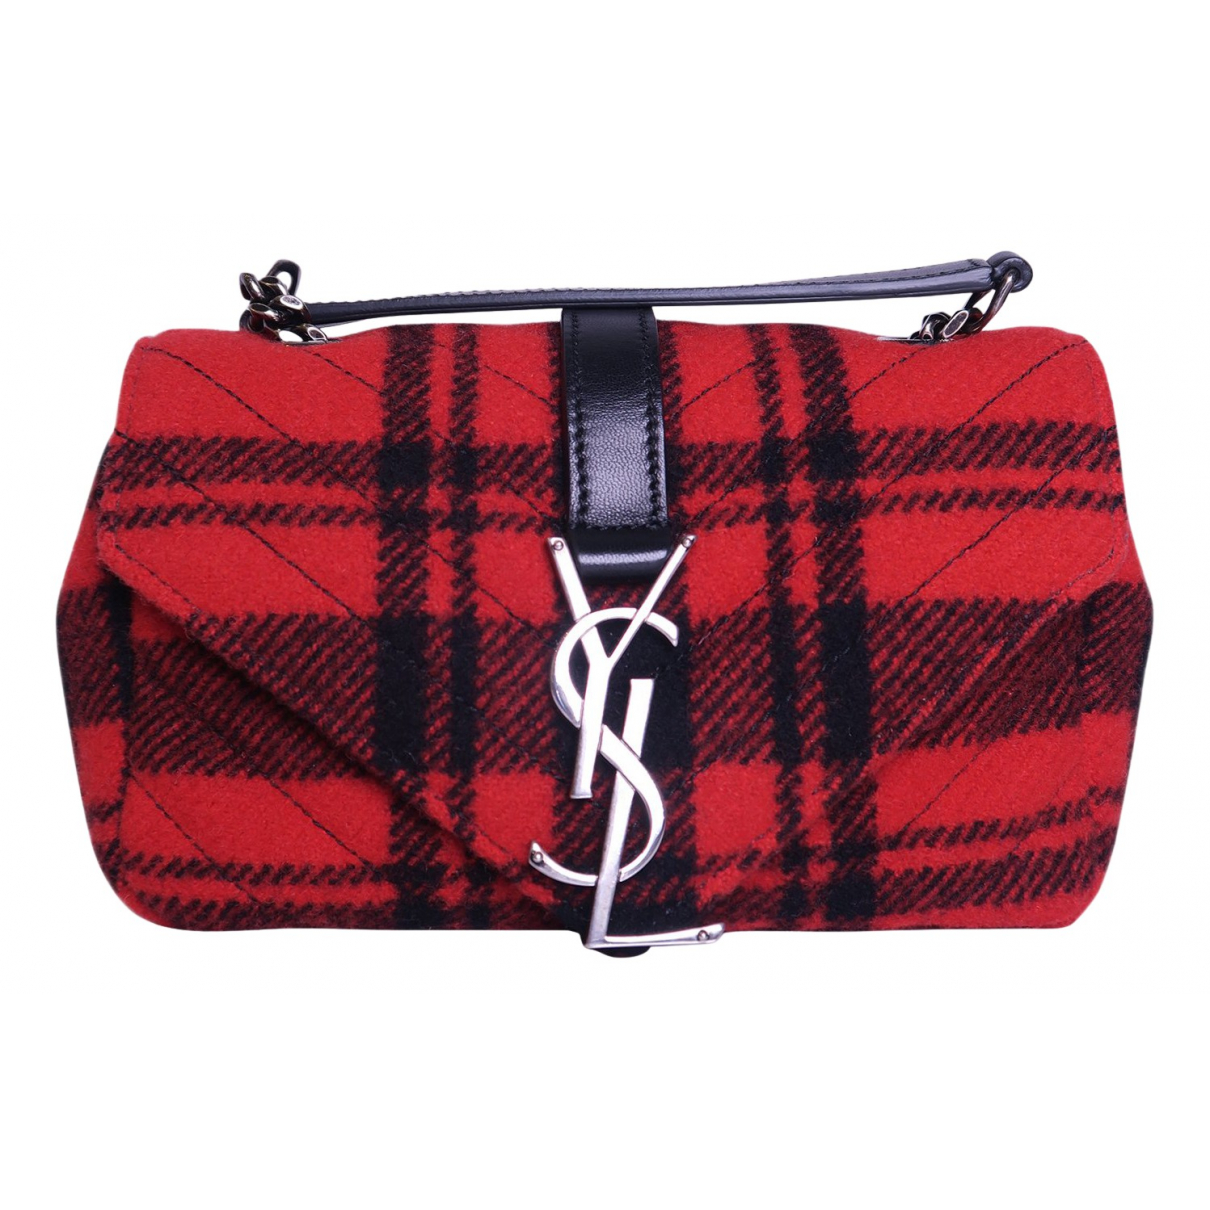 Saint Laurent - Sac a main   pour femme en laine - rouge